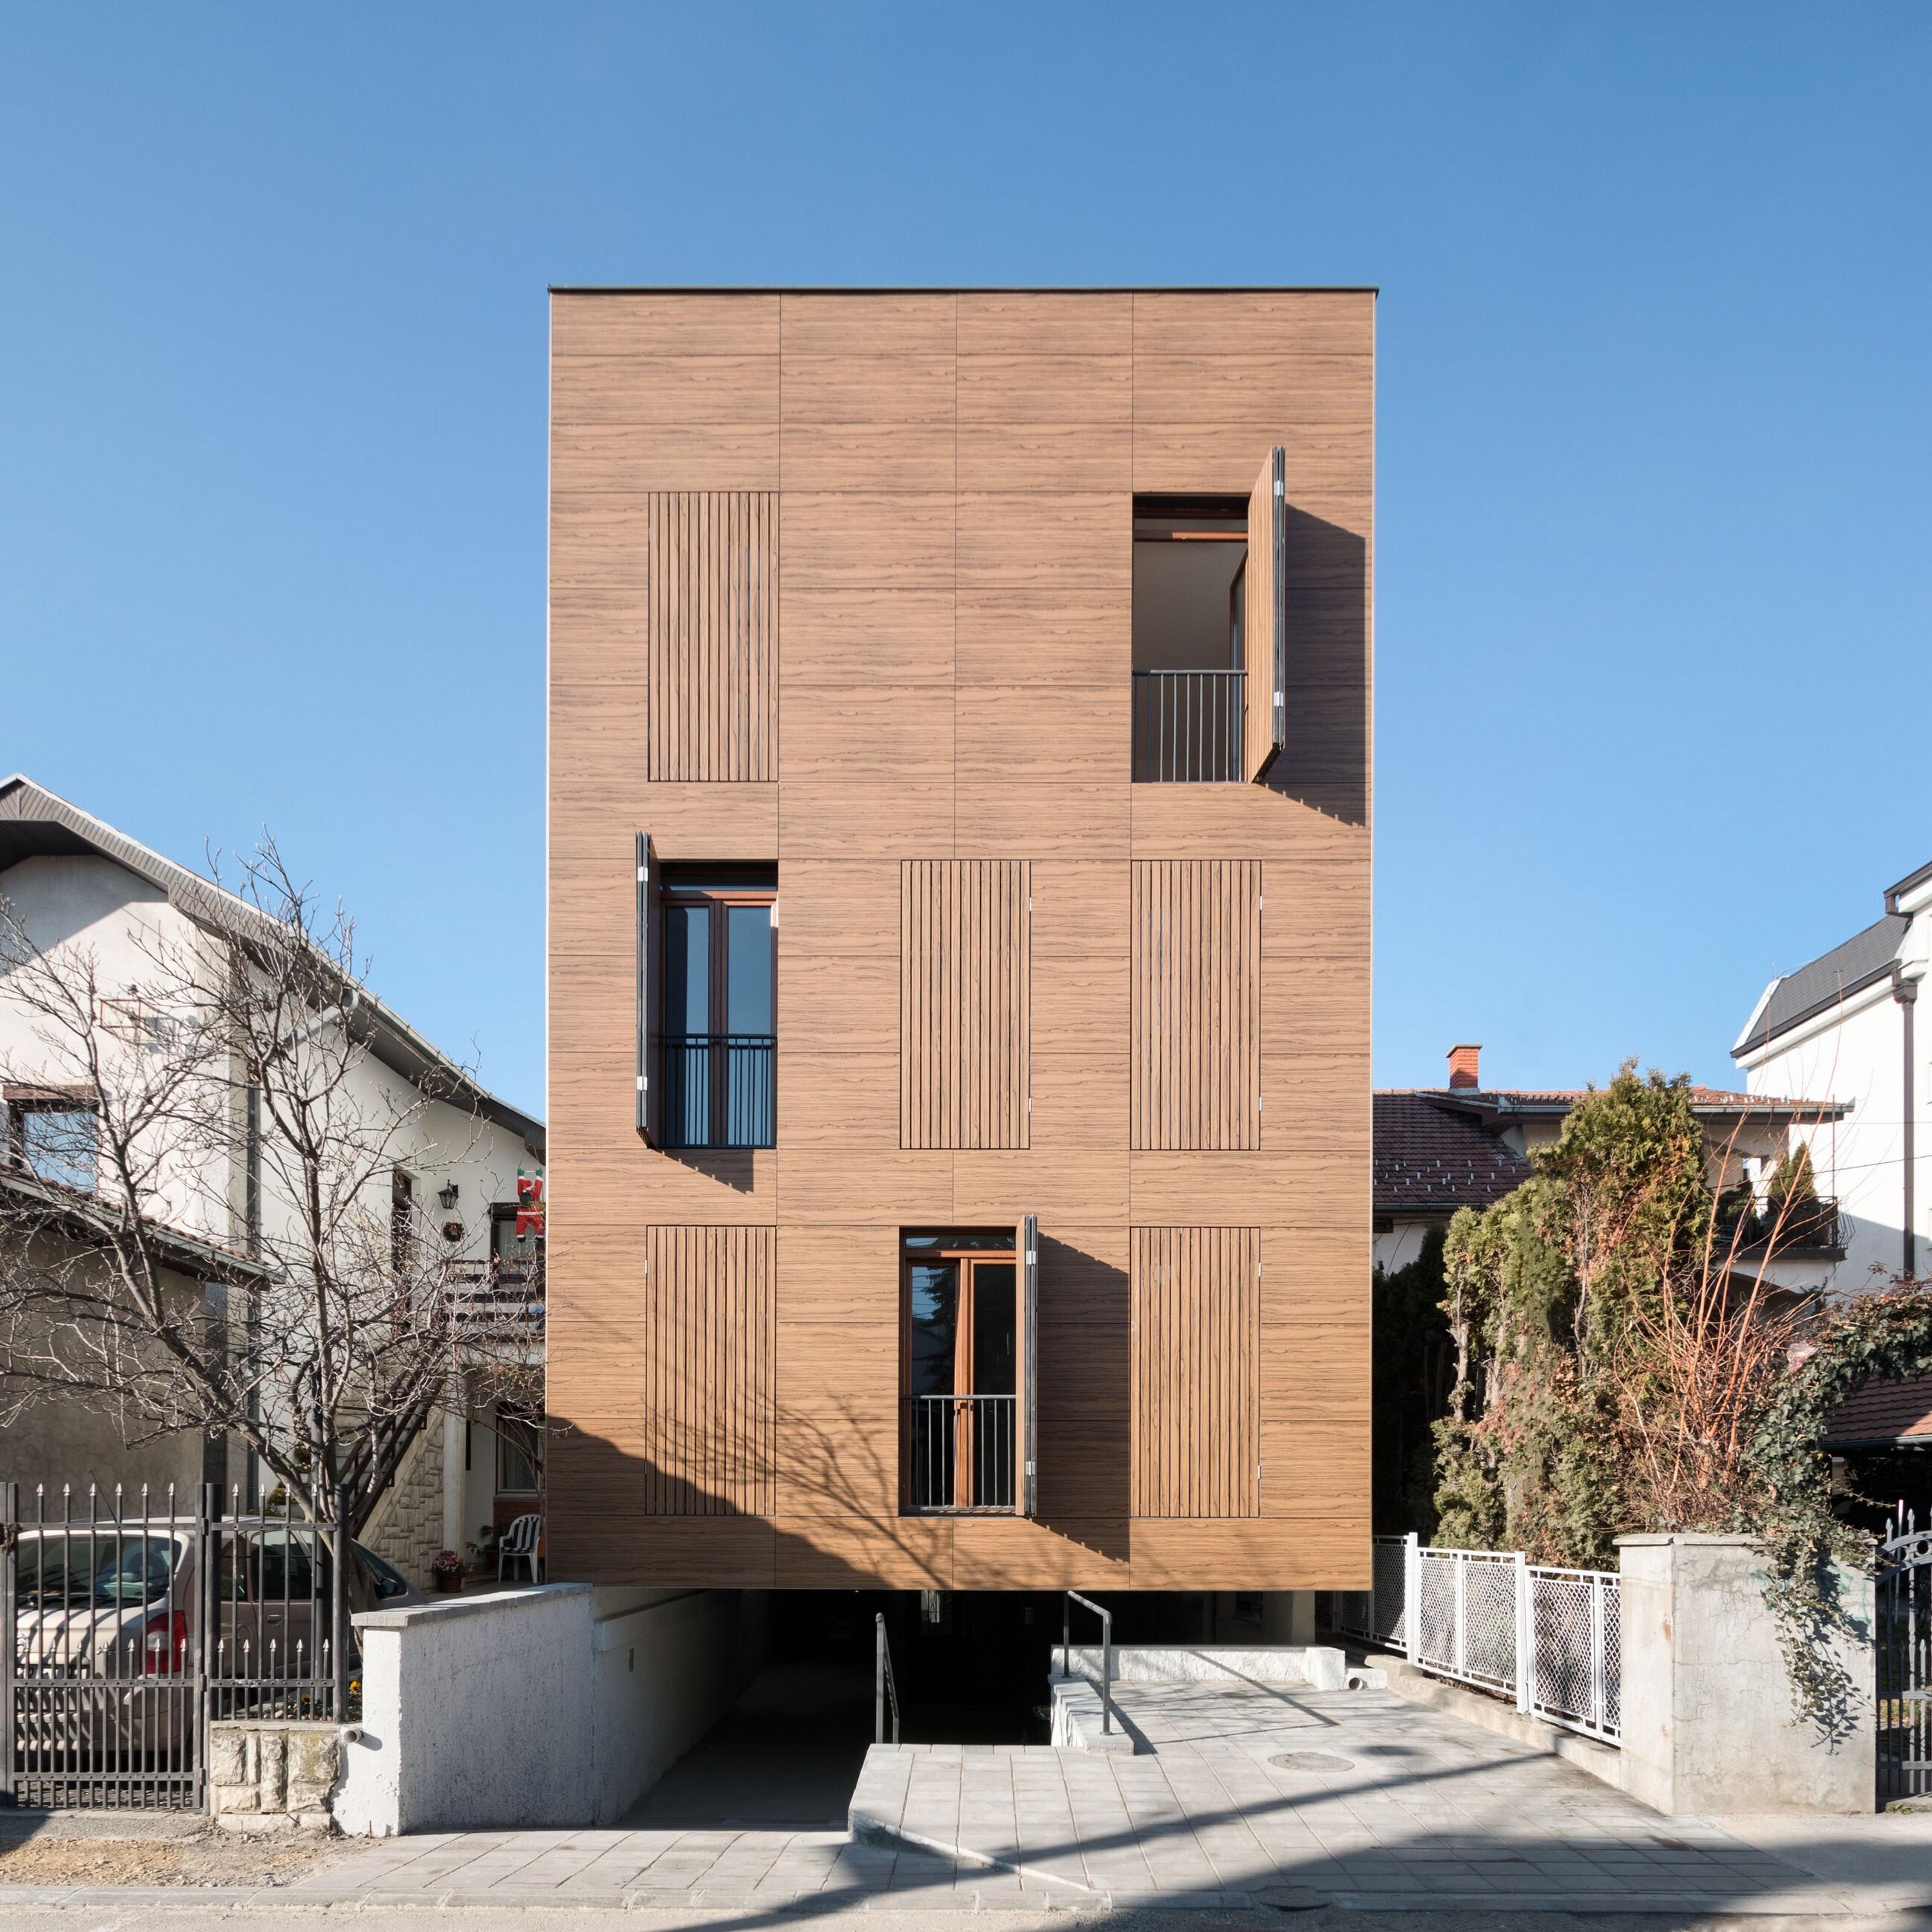 N1 Housing